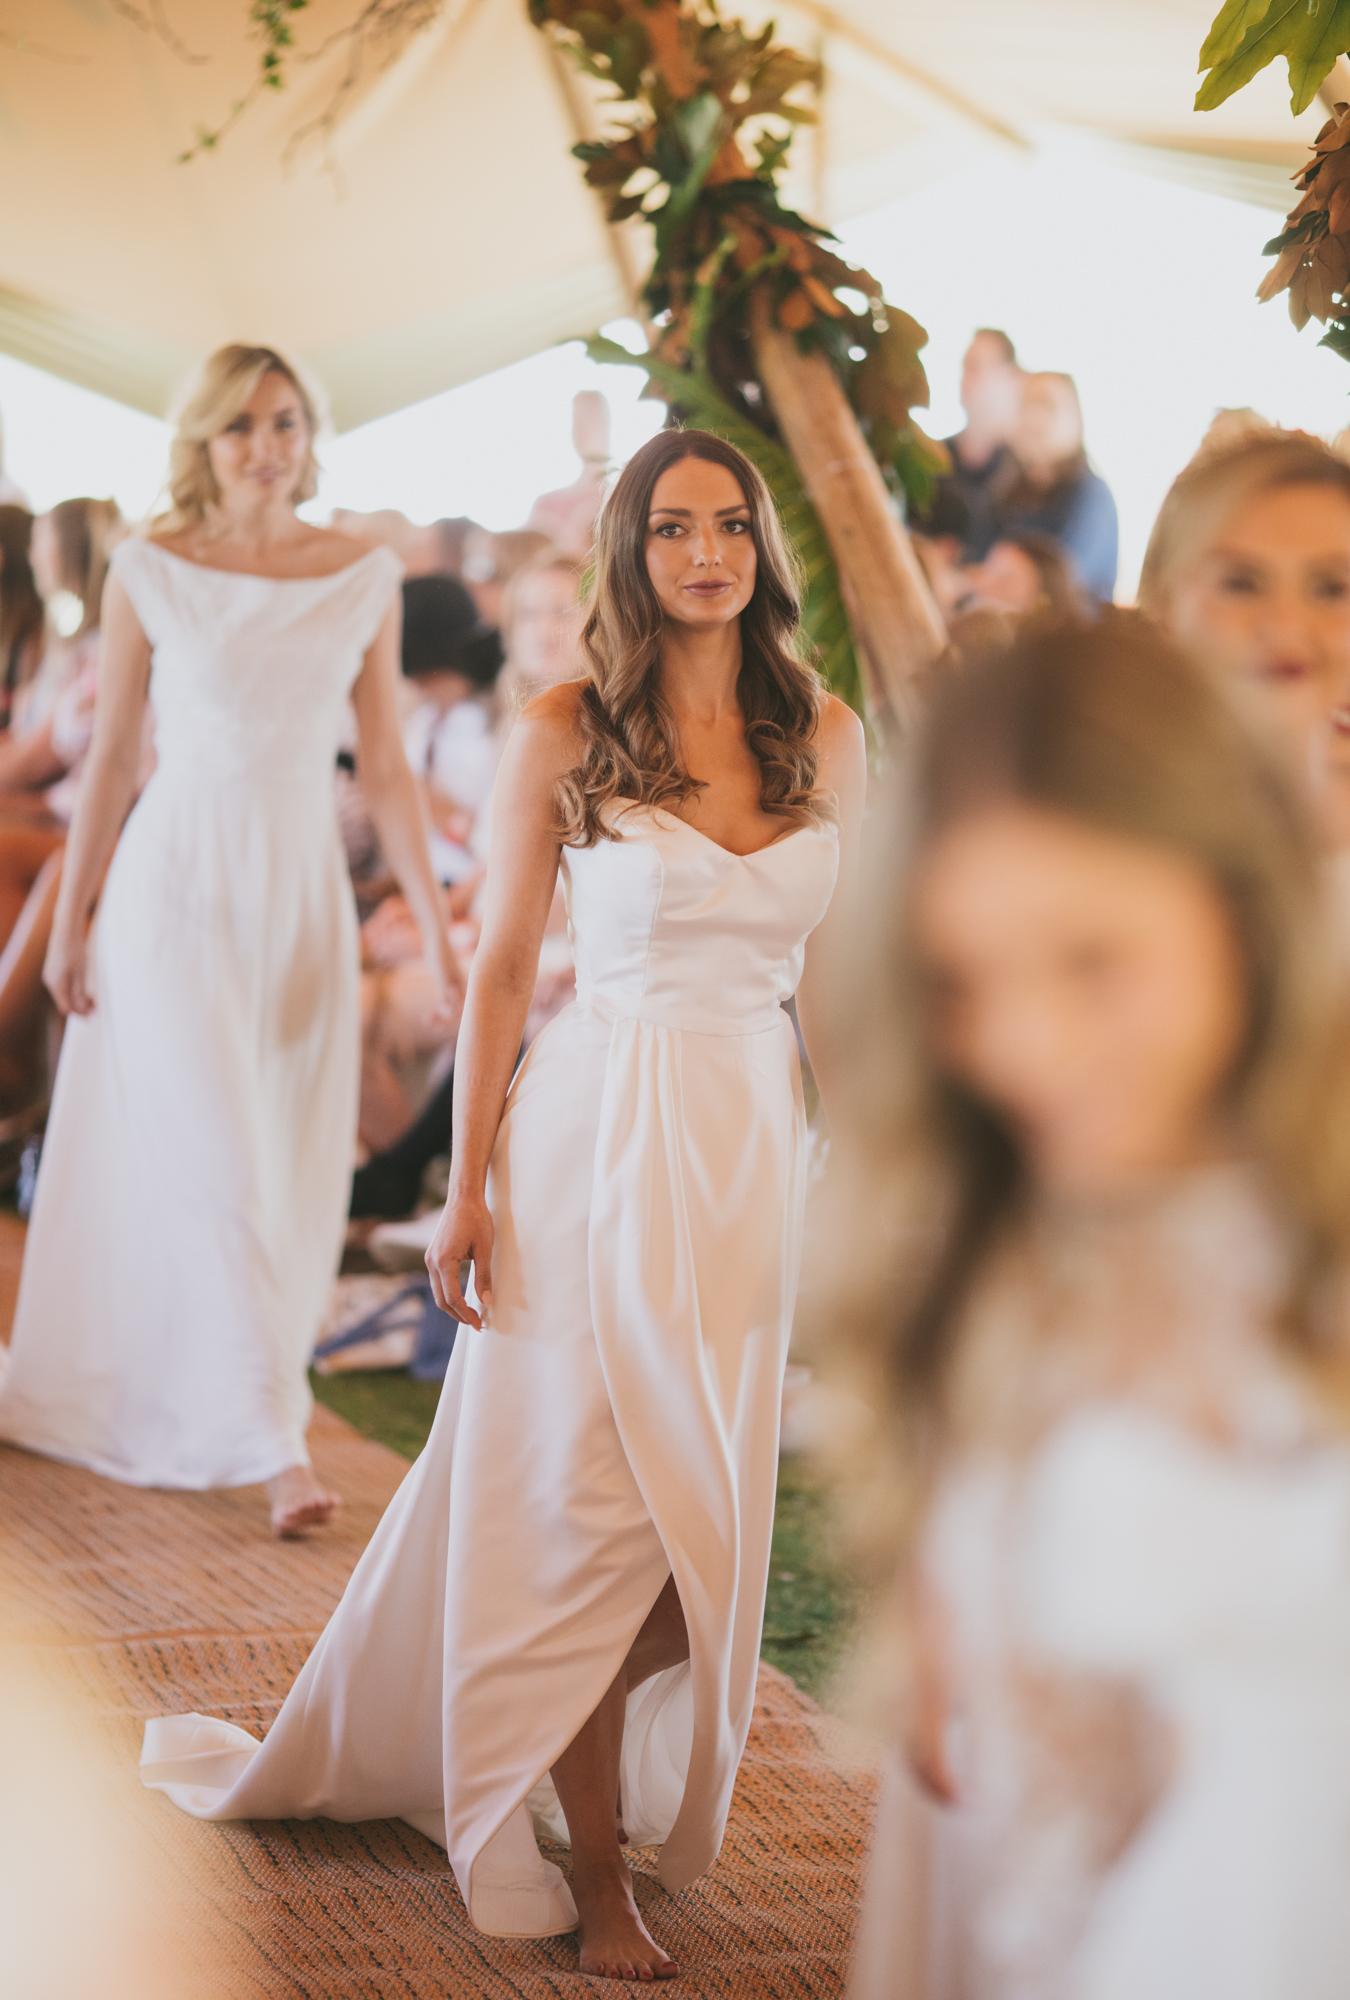 Love-Wedding-Festival-Hunter-Valley-Hope-Estate-2017-39.jpg